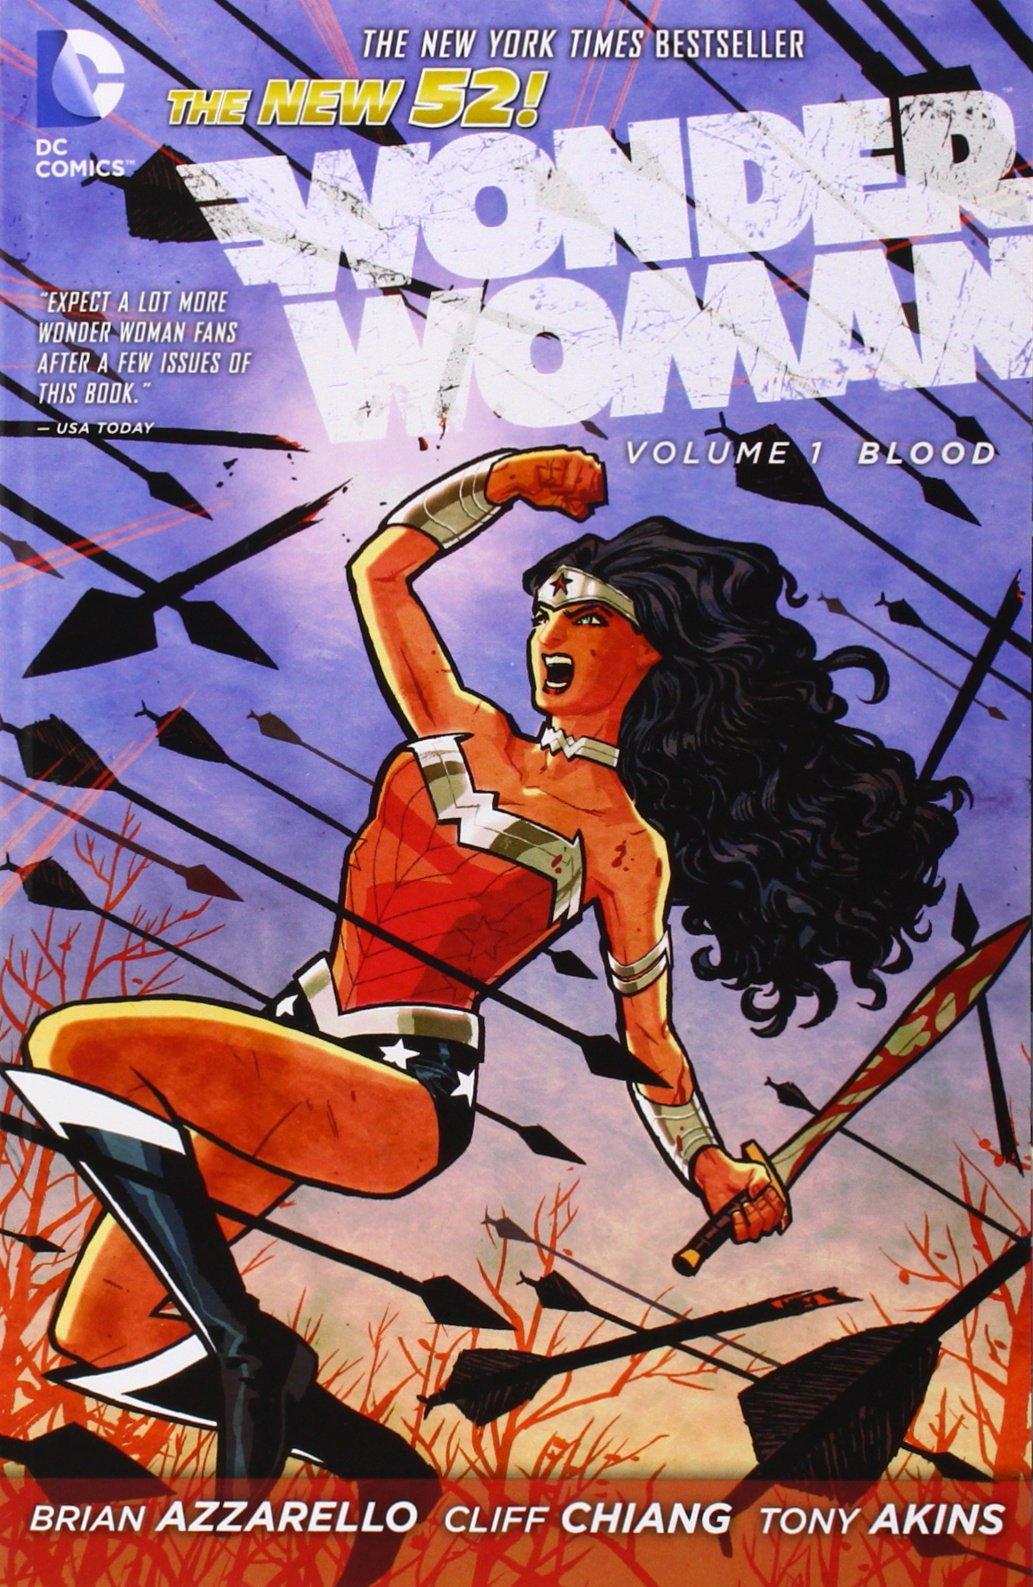 Image result for Wonder Woman, Volume 1: Blood